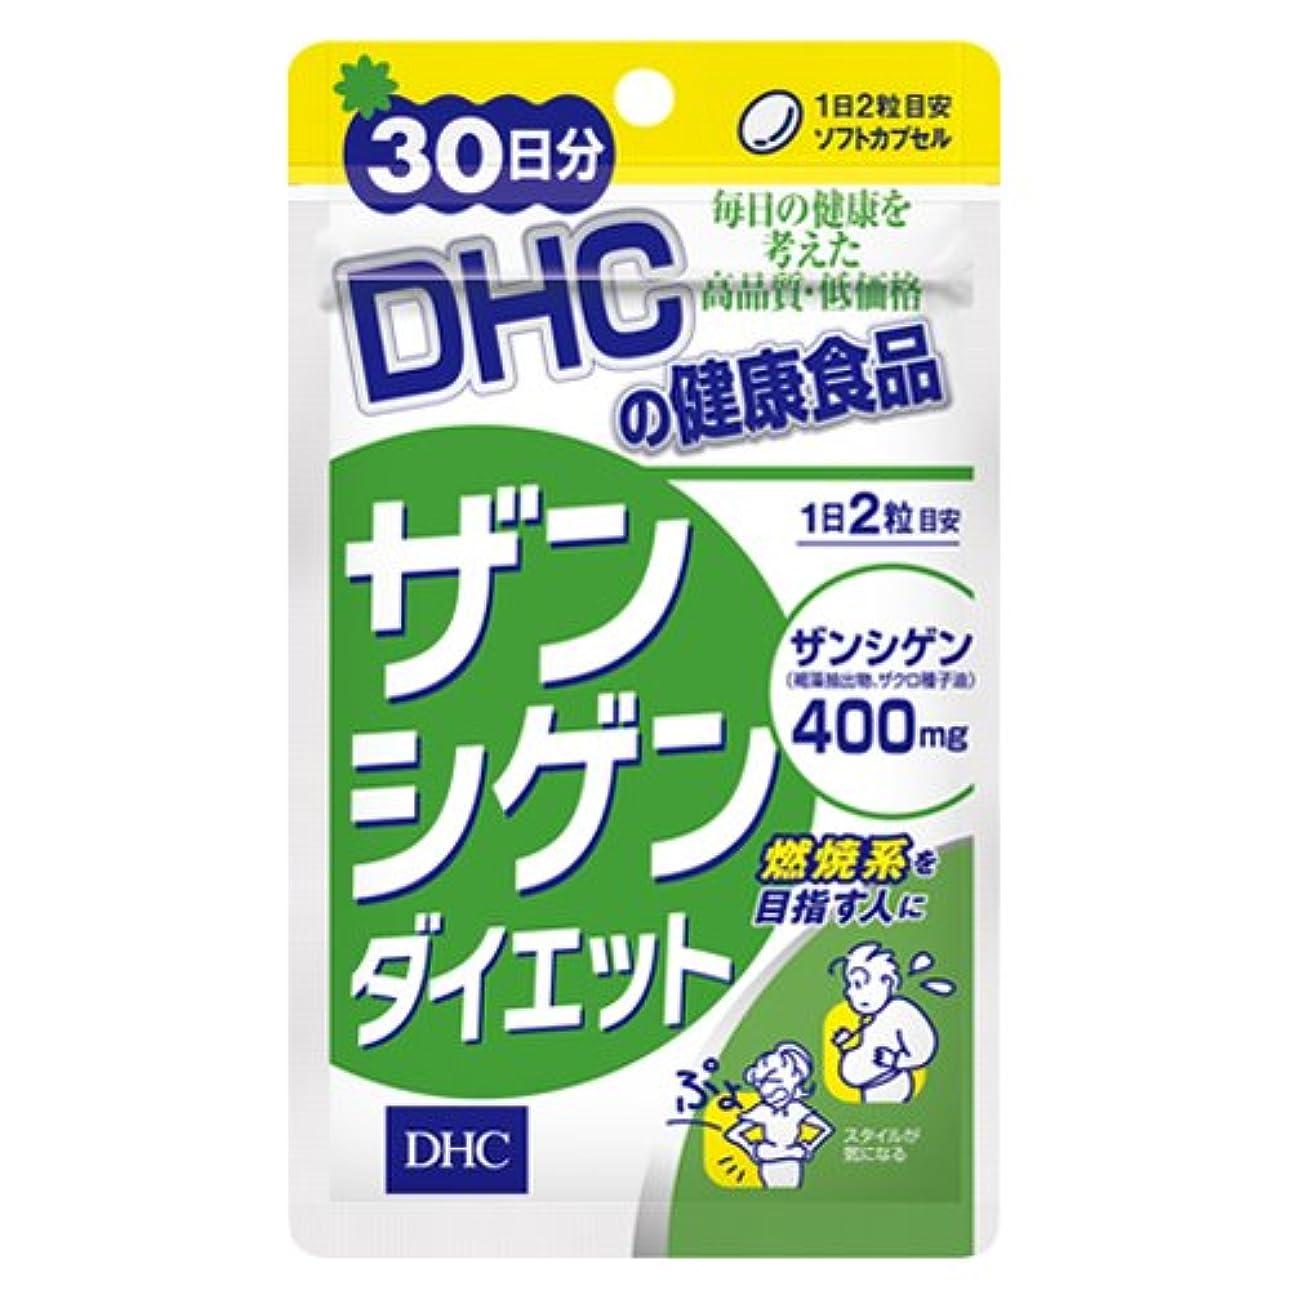 床を掃除する結晶費やすザンシゲンダイエット 30日分